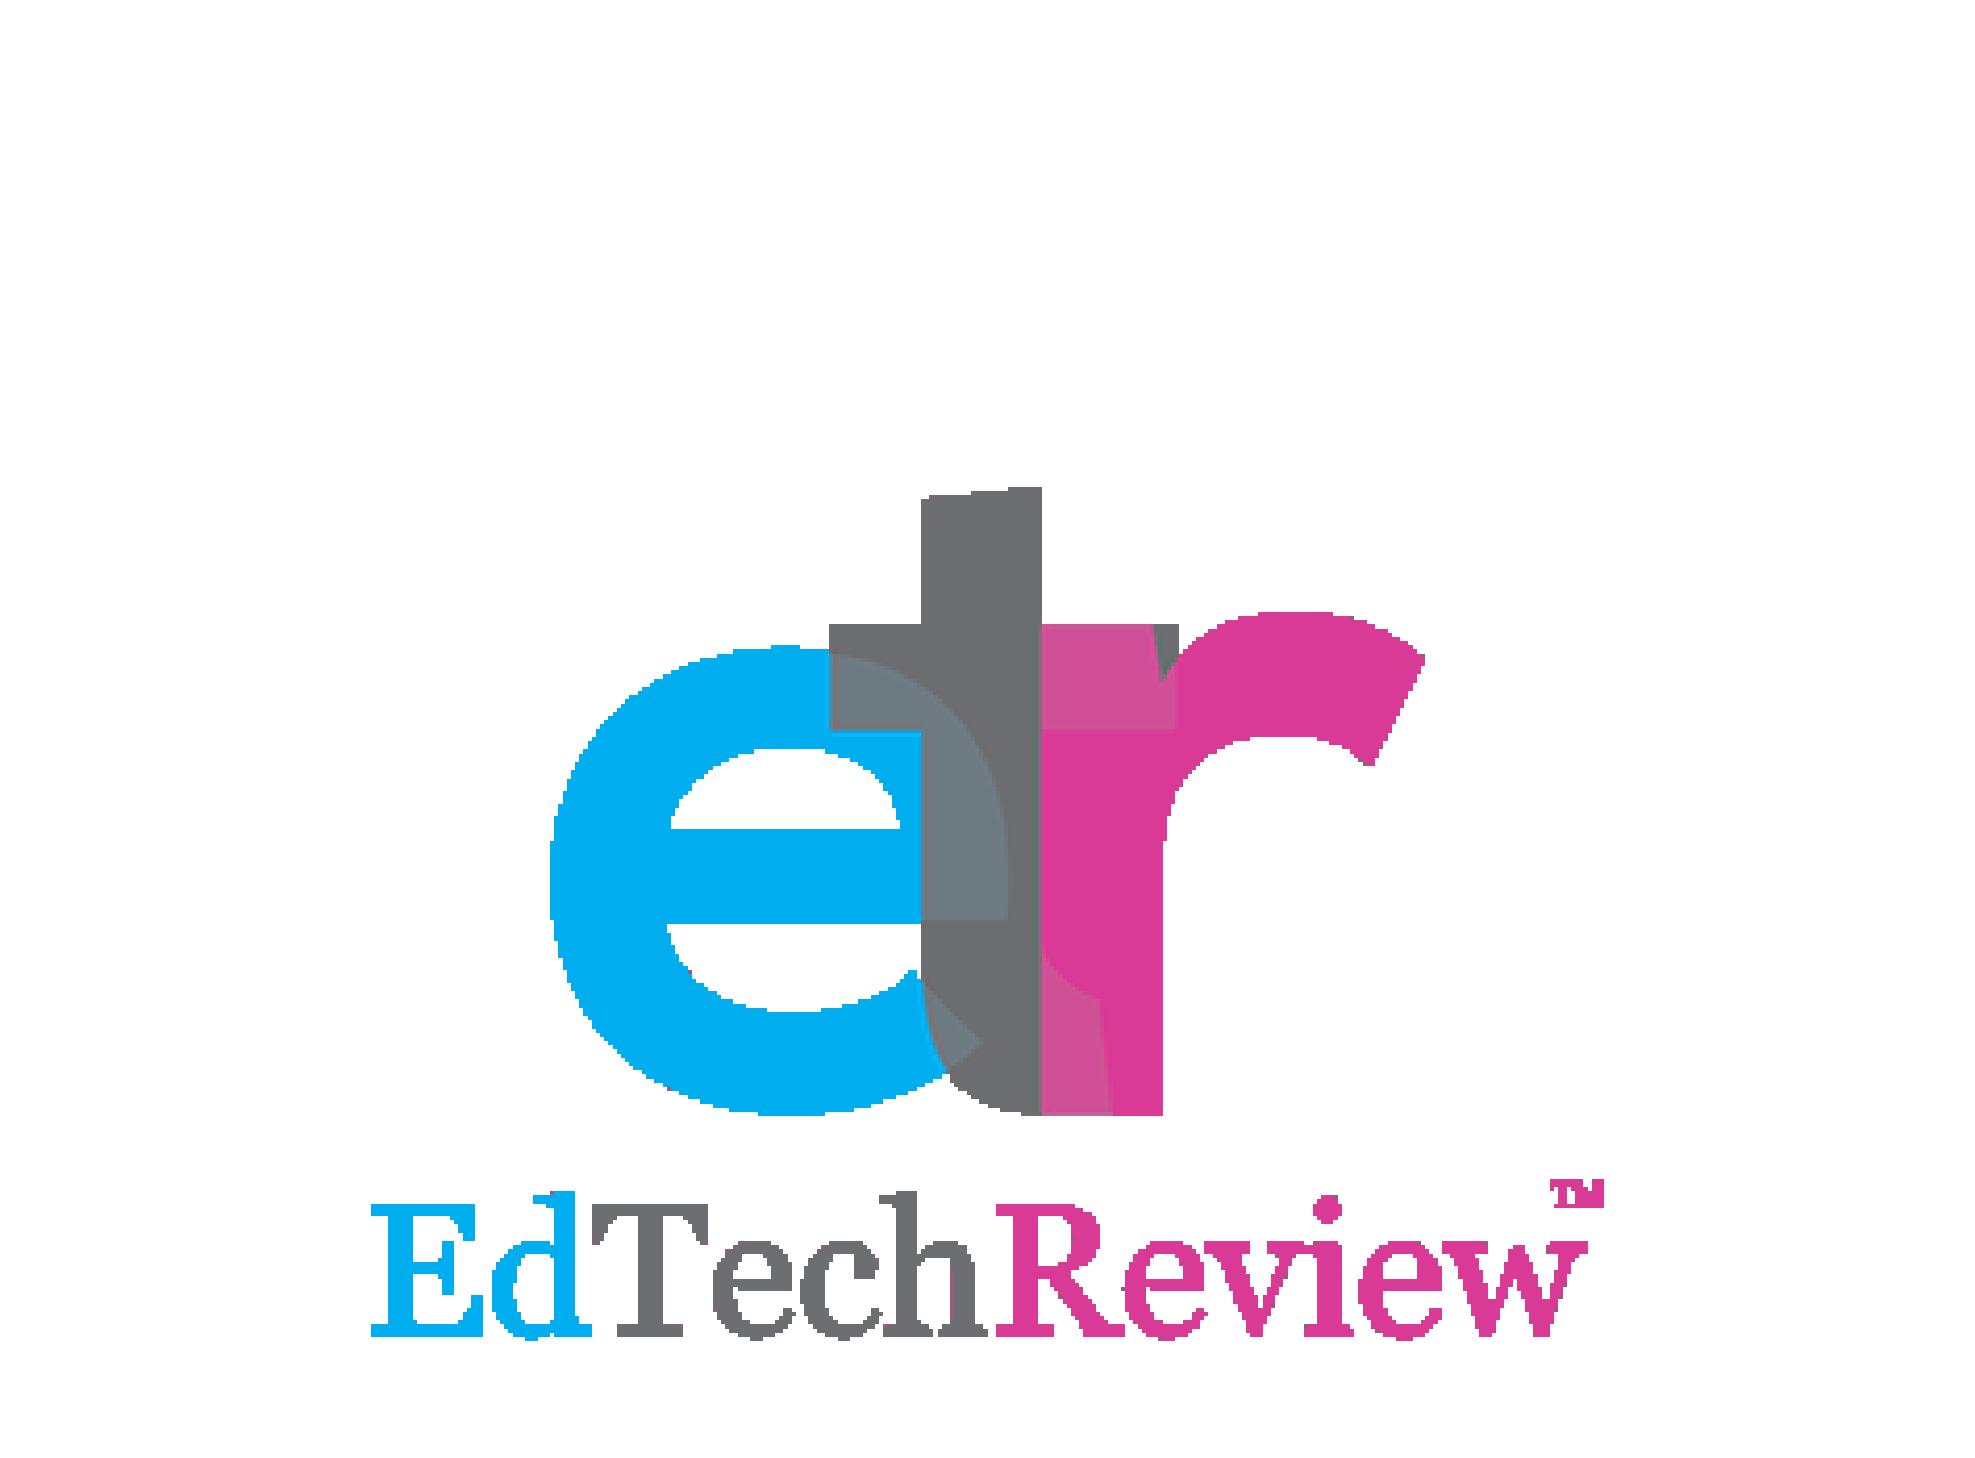 EdTechReview